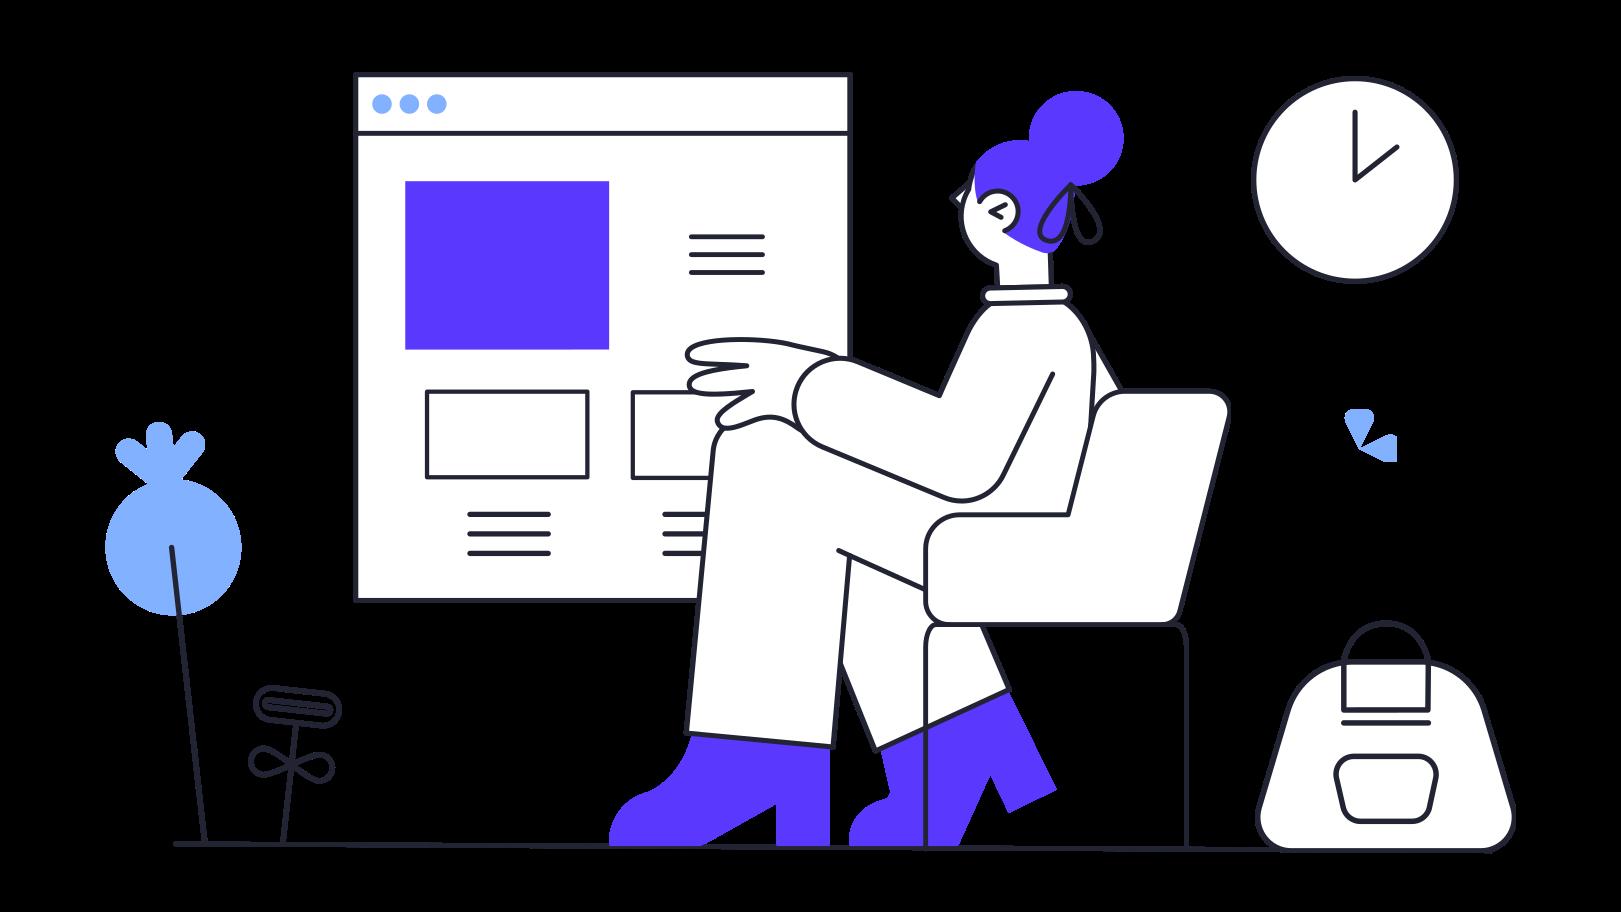 Internetnachrichten Clipart-Grafik als PNG, SVG